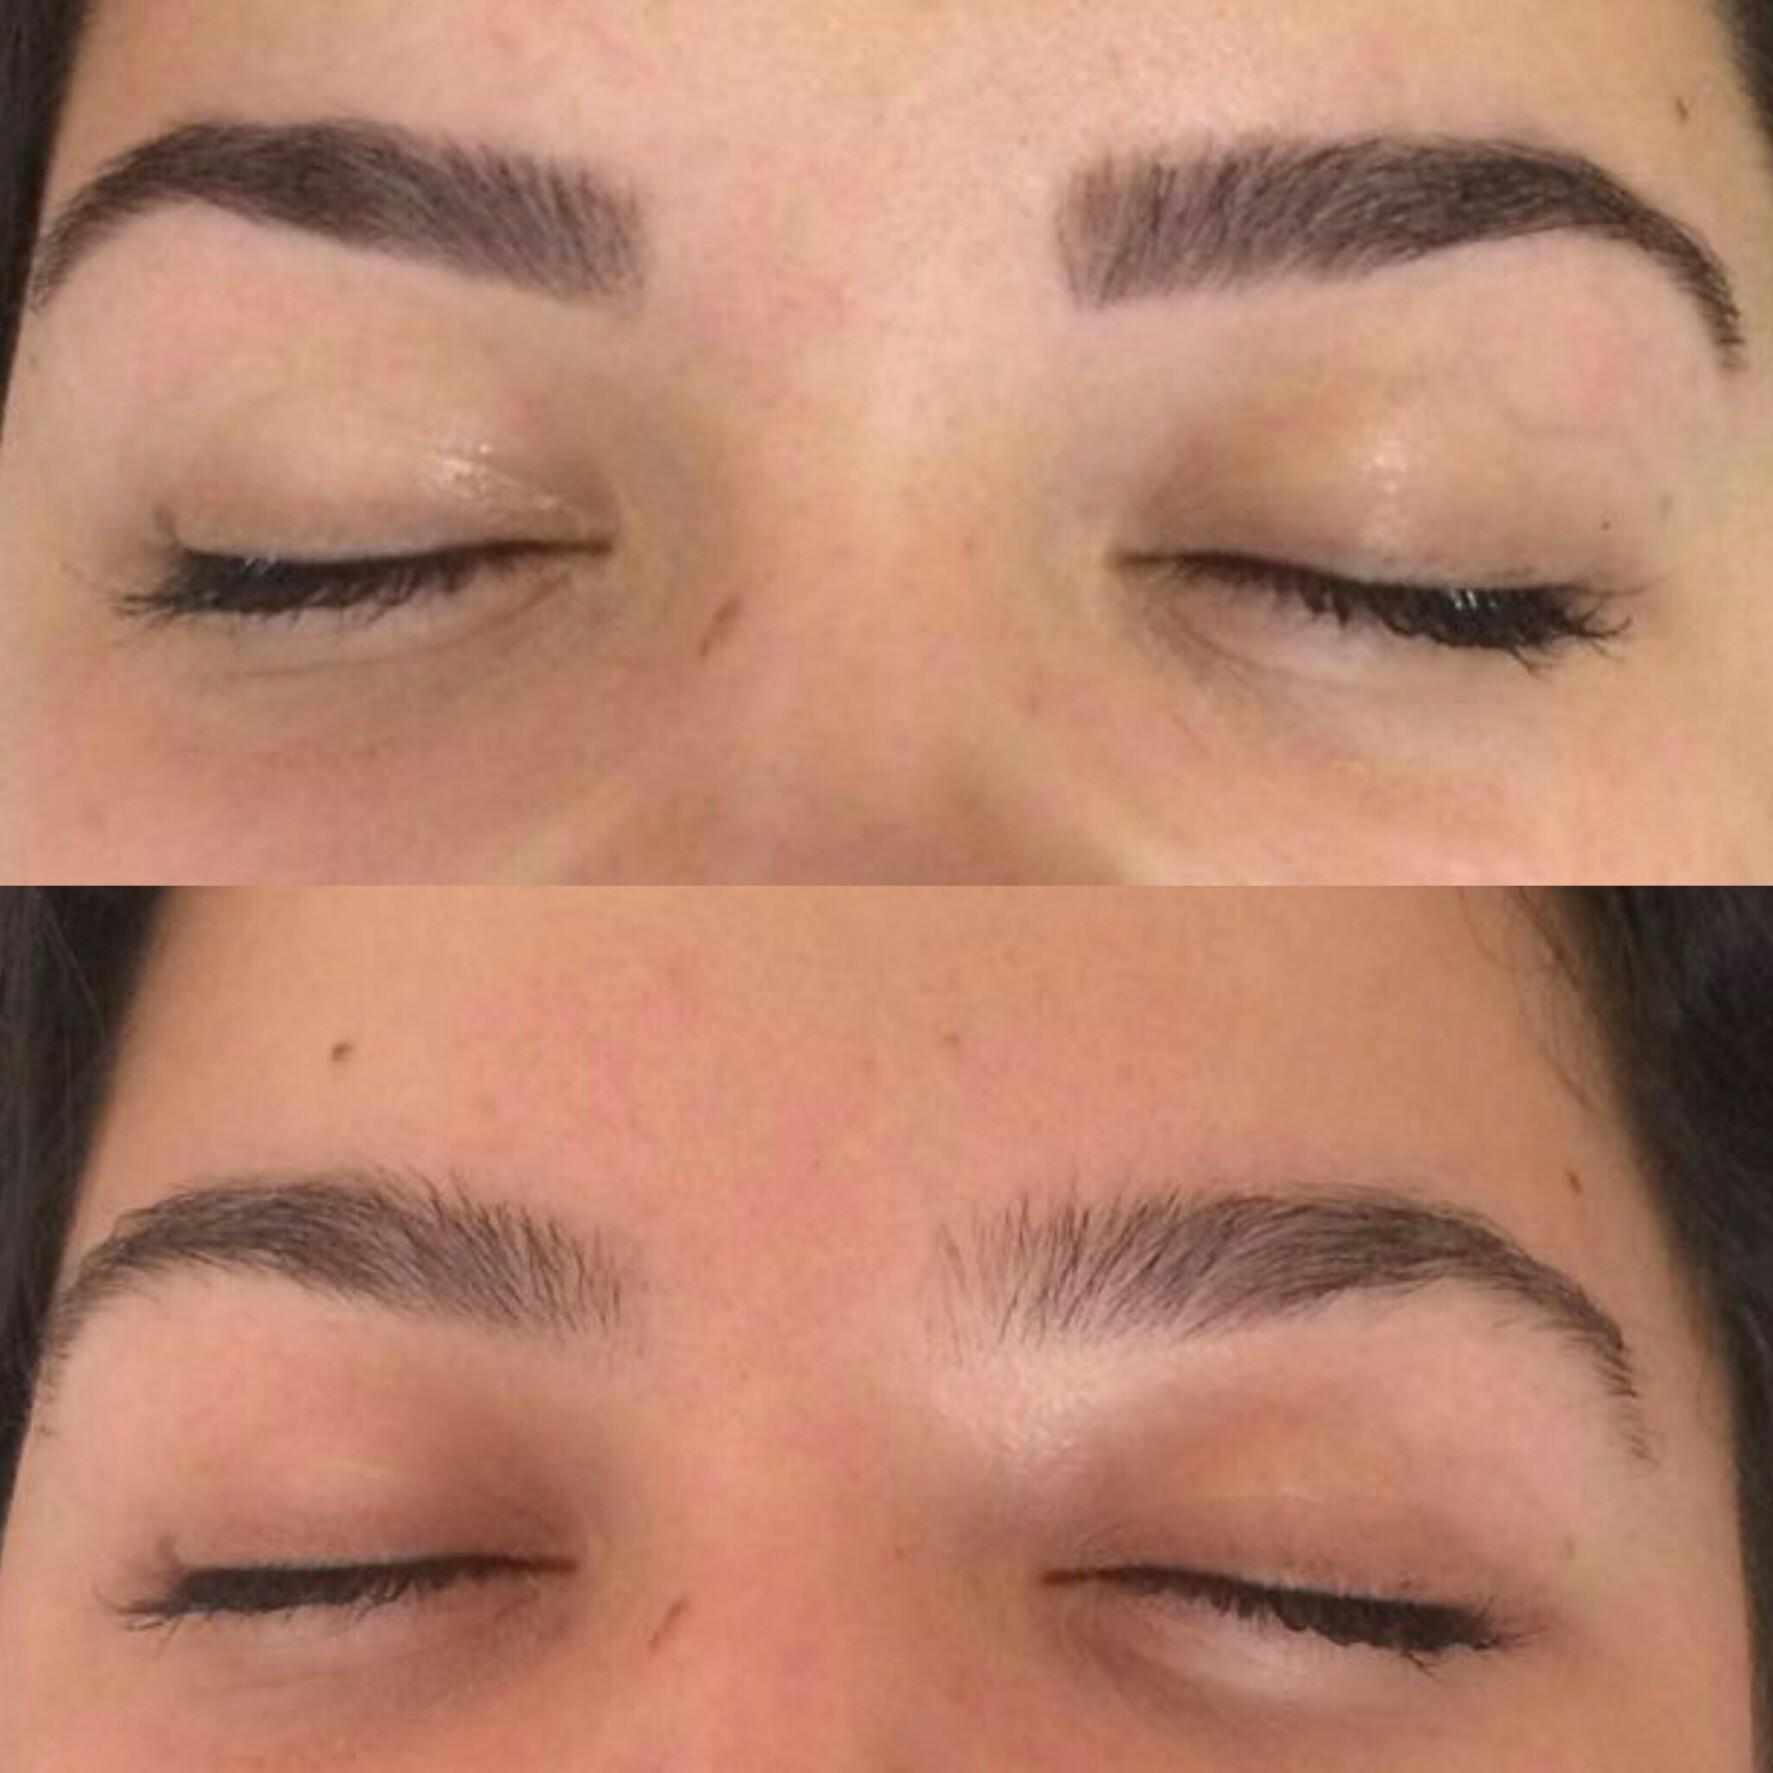 estética designer de sobrancelhas depilador(a) manicure e pedicure cabeleireiro(a)